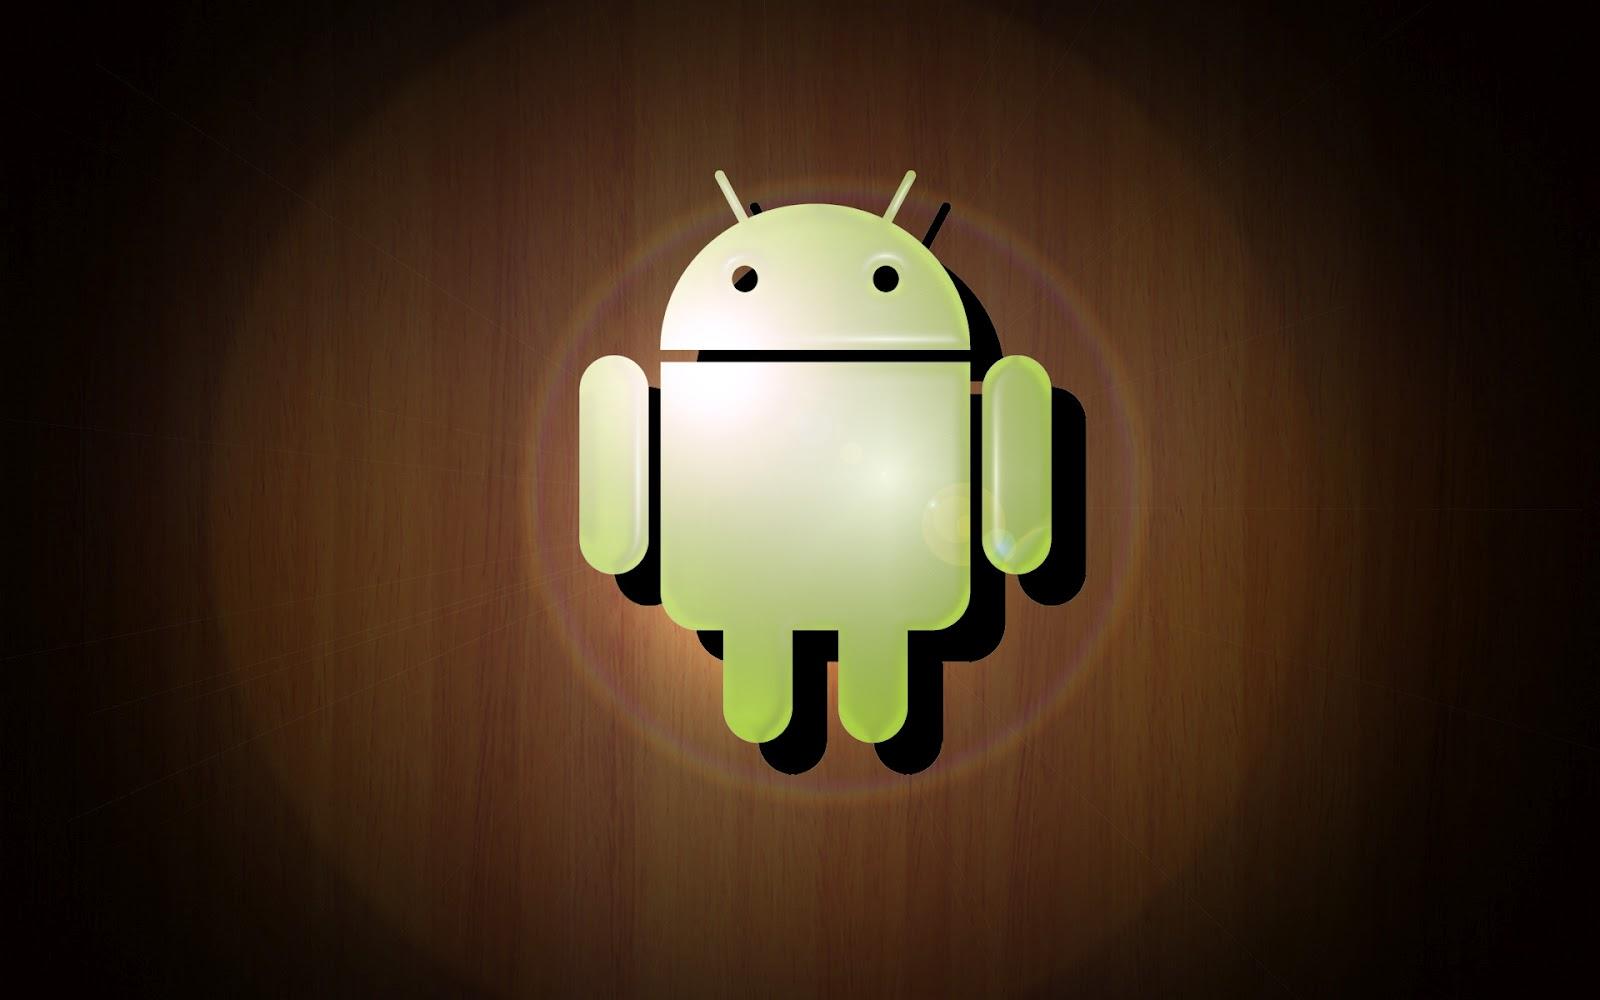 Celulares Com Android nas Casas Bahia - imagens de celular android